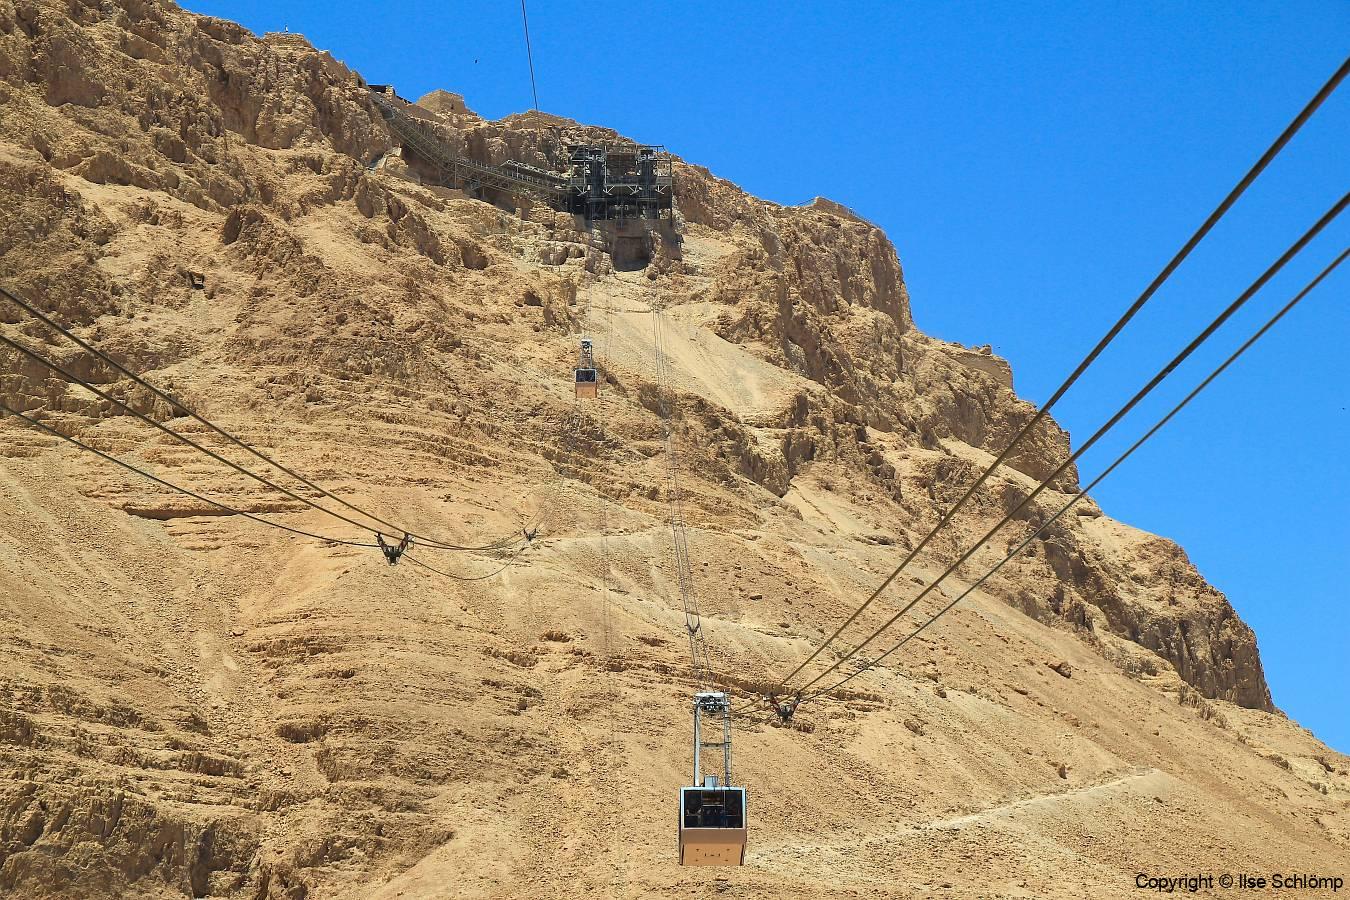 Israel, Masada, Mit der Seilbahn auf die Festung